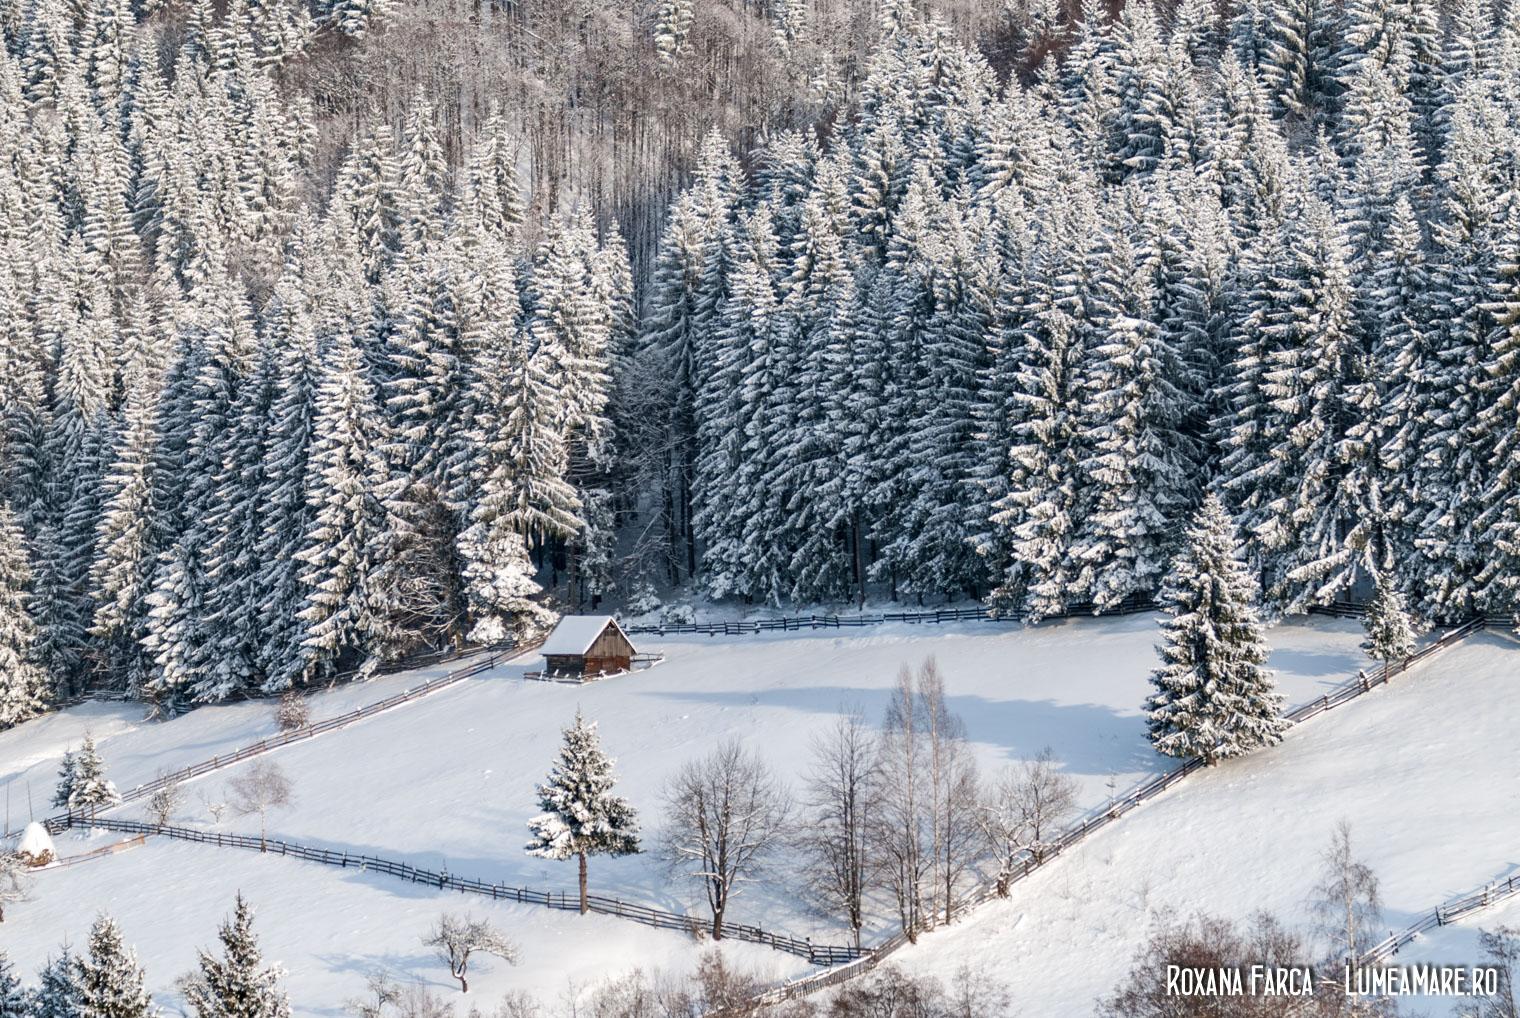 Vacanța de iarnă în România, la munte. Peisaj din apropiere de Șirnea.